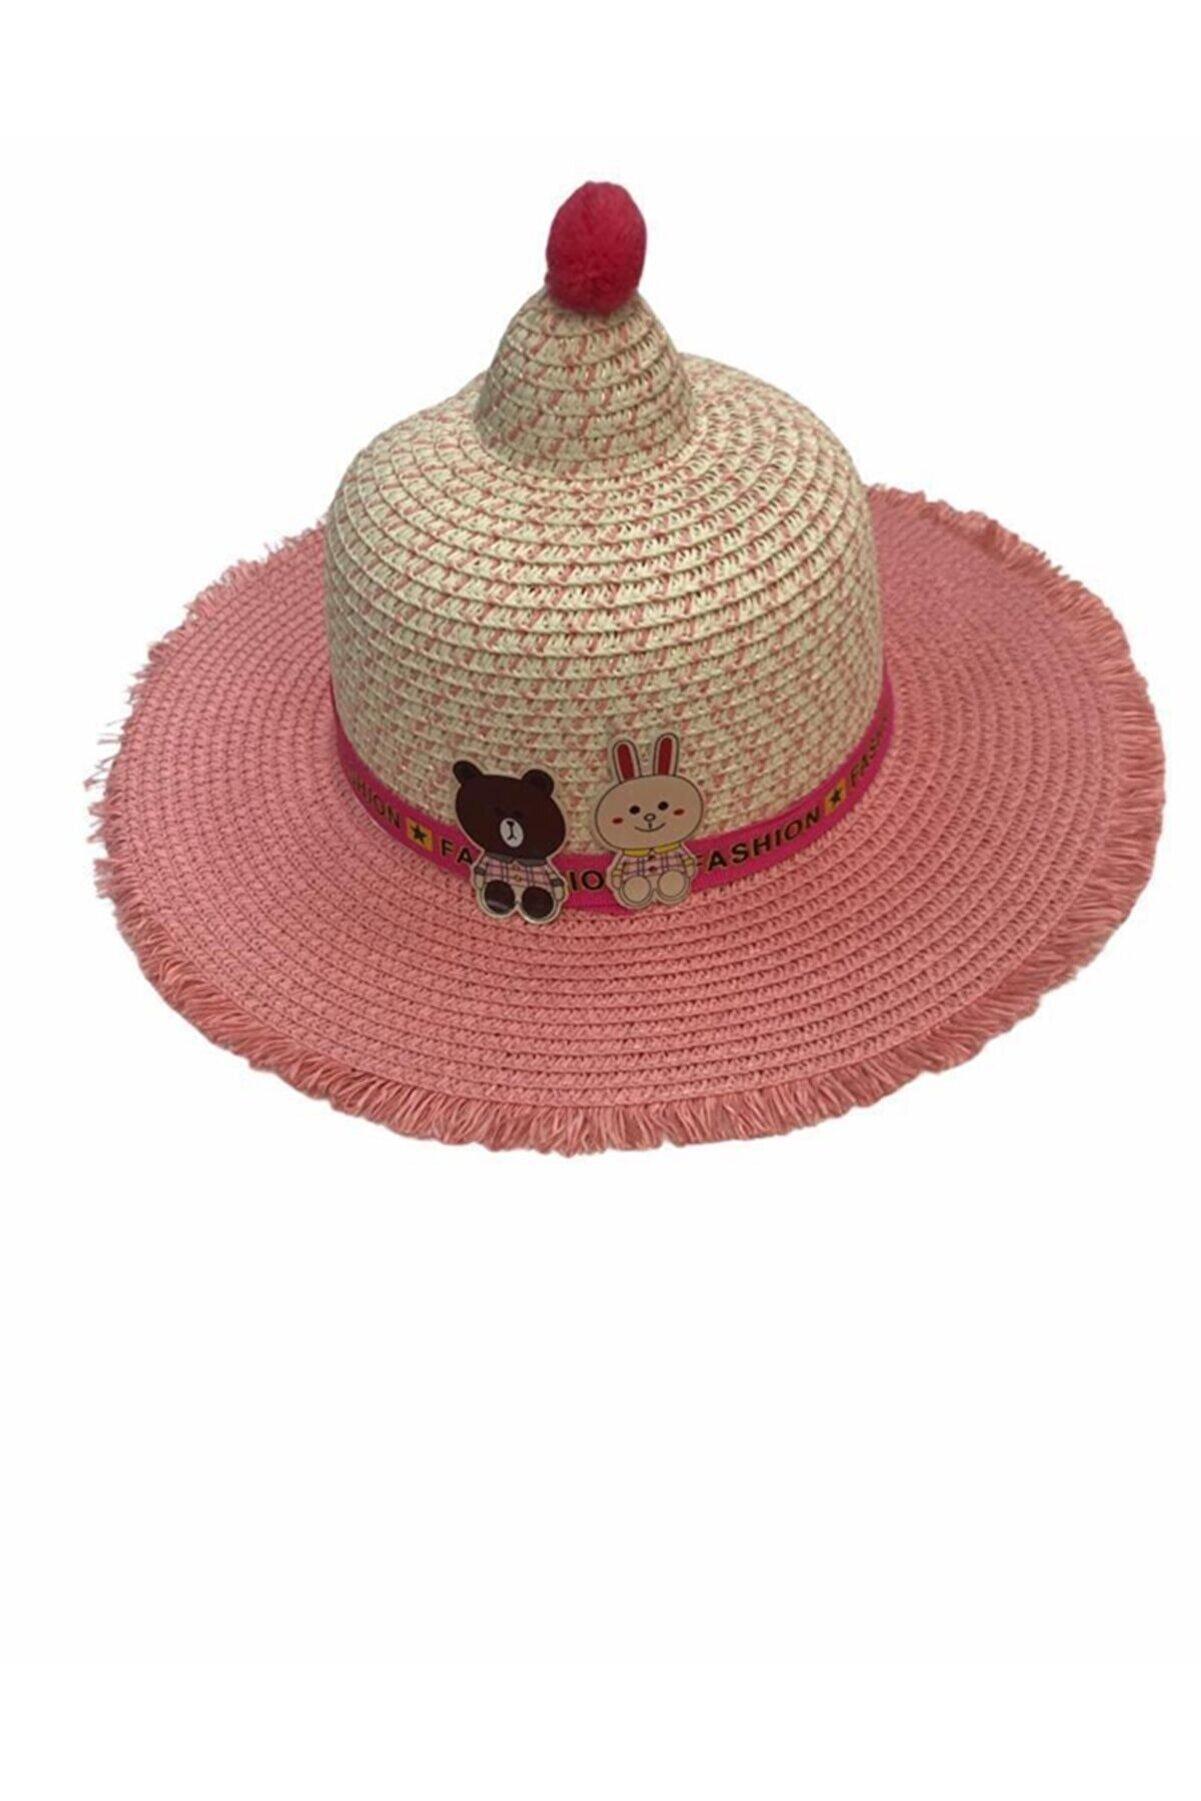 Kitti Kostan Aksesuar Kız Çocuk Hasır Şapka